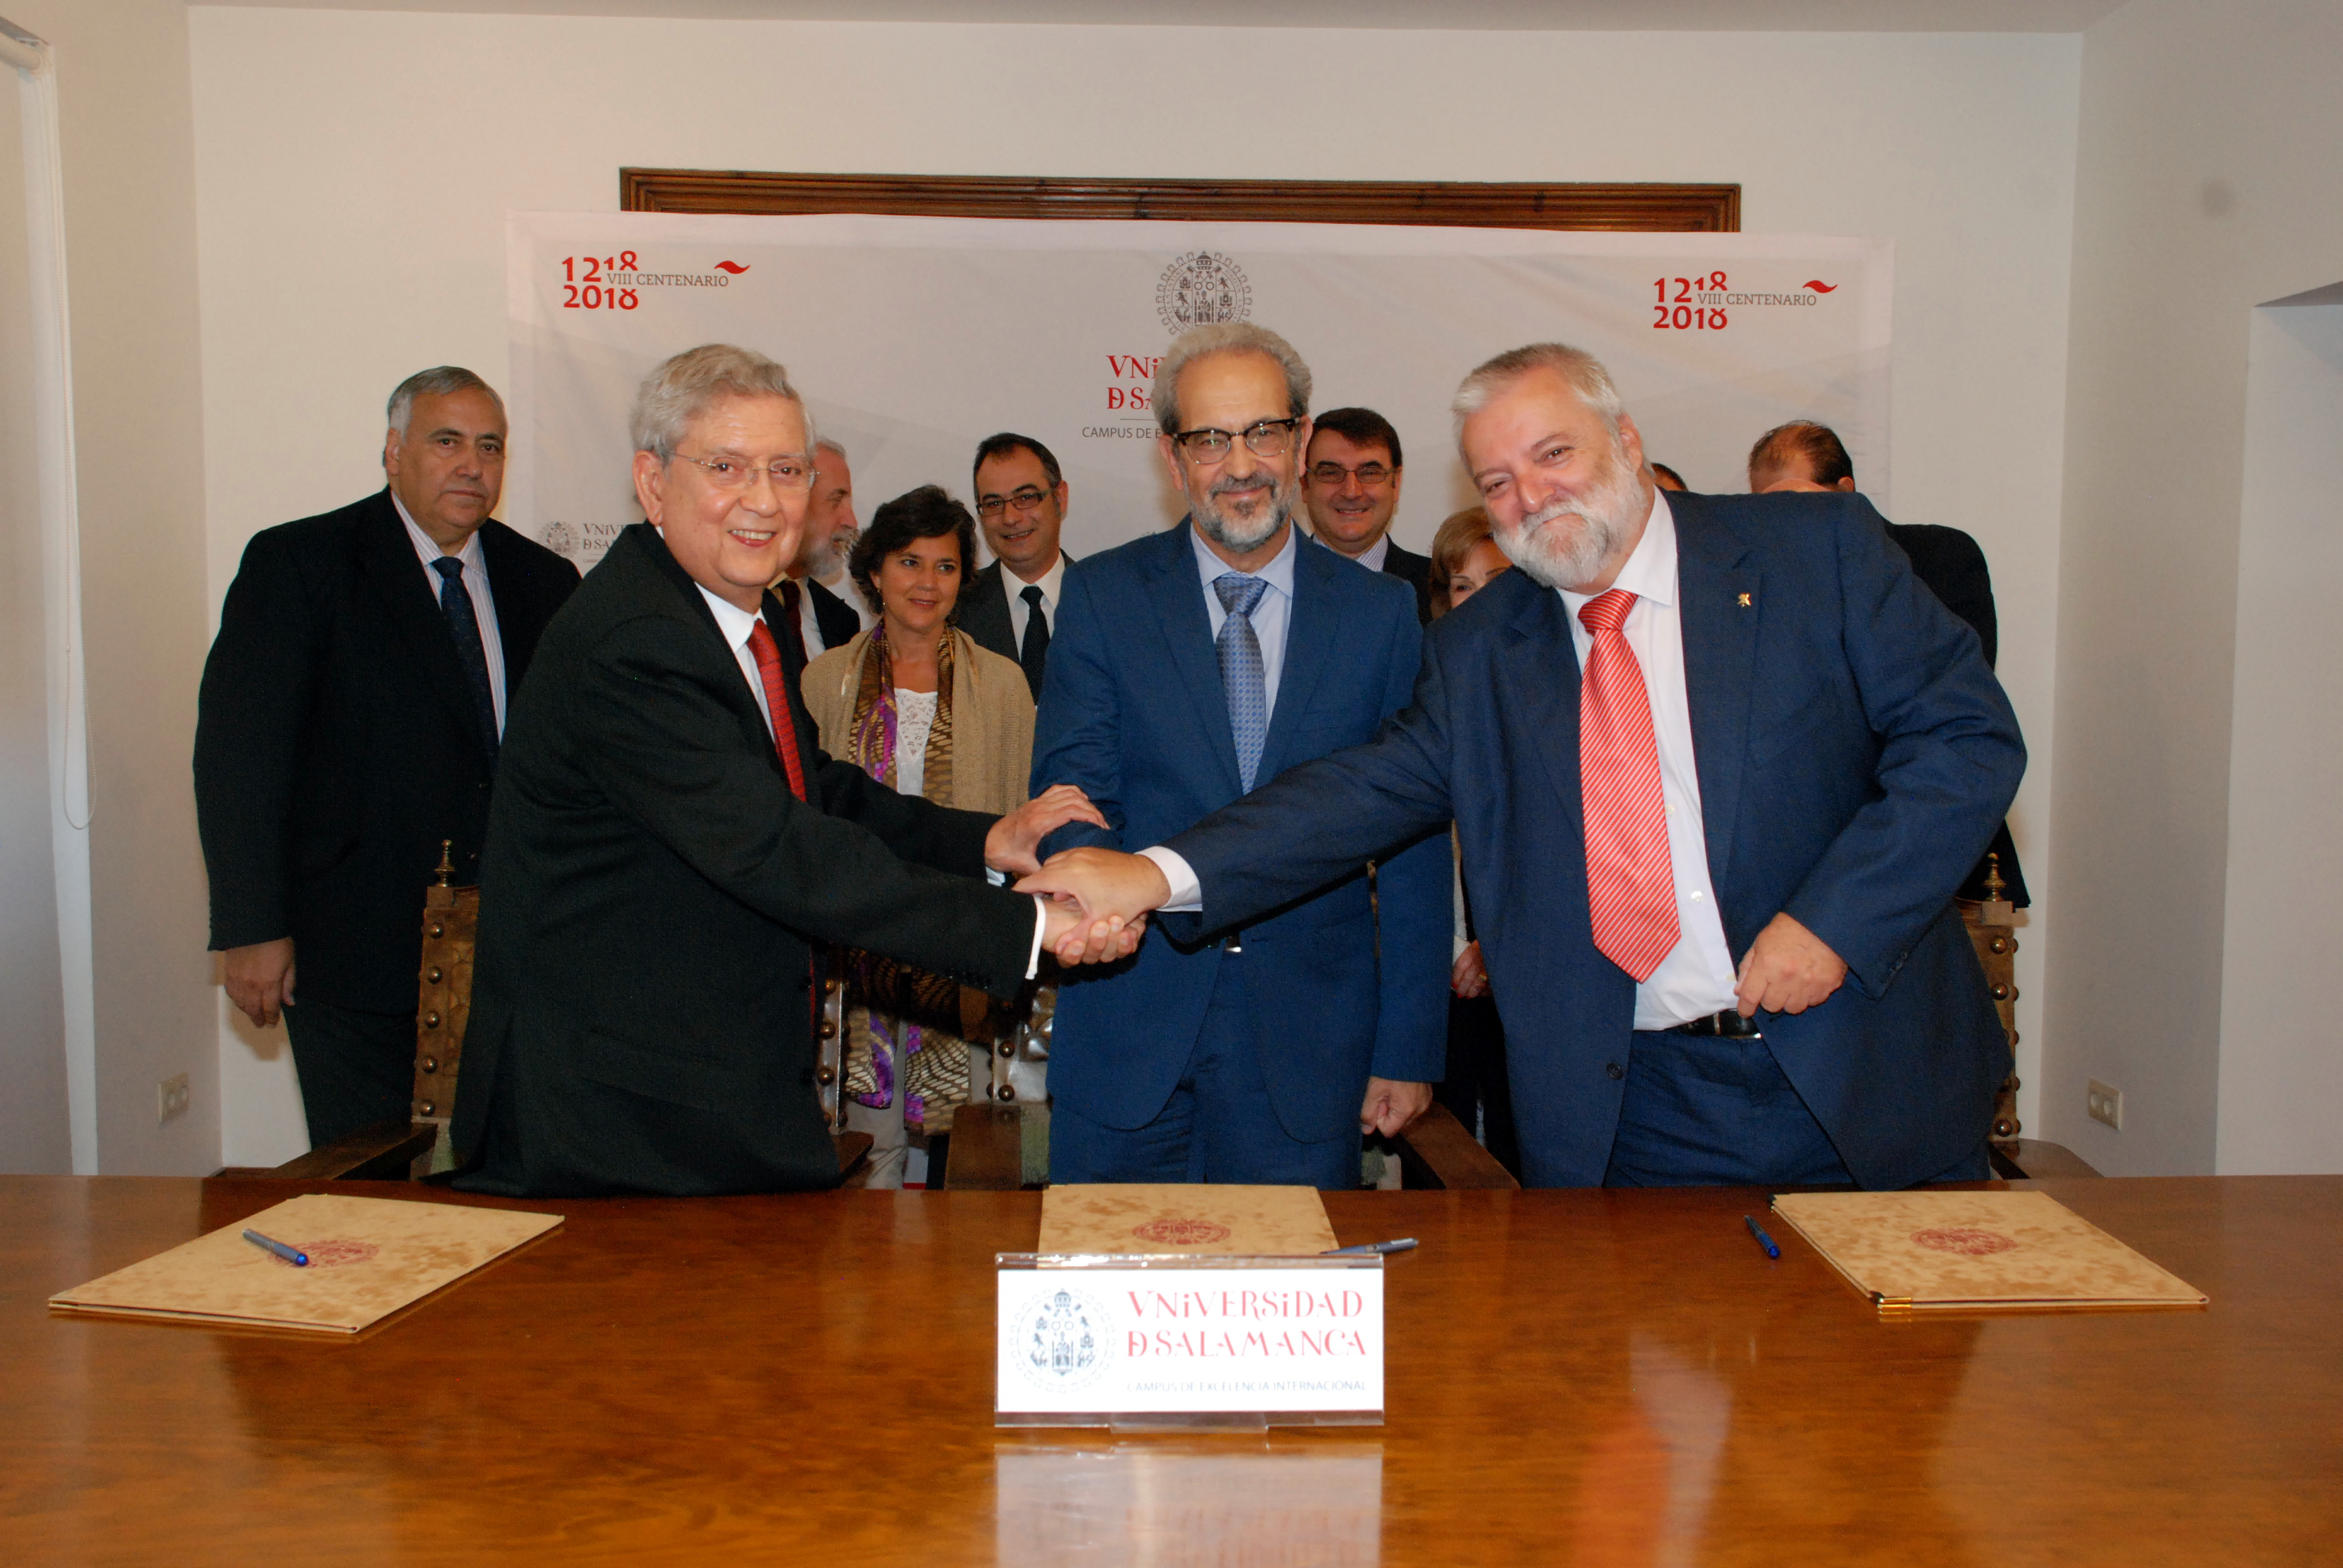 La Universidad de Salamanca suscribe un convenio de colaboración con la Federación Iberoamericana de Síndrome de Down y Down España